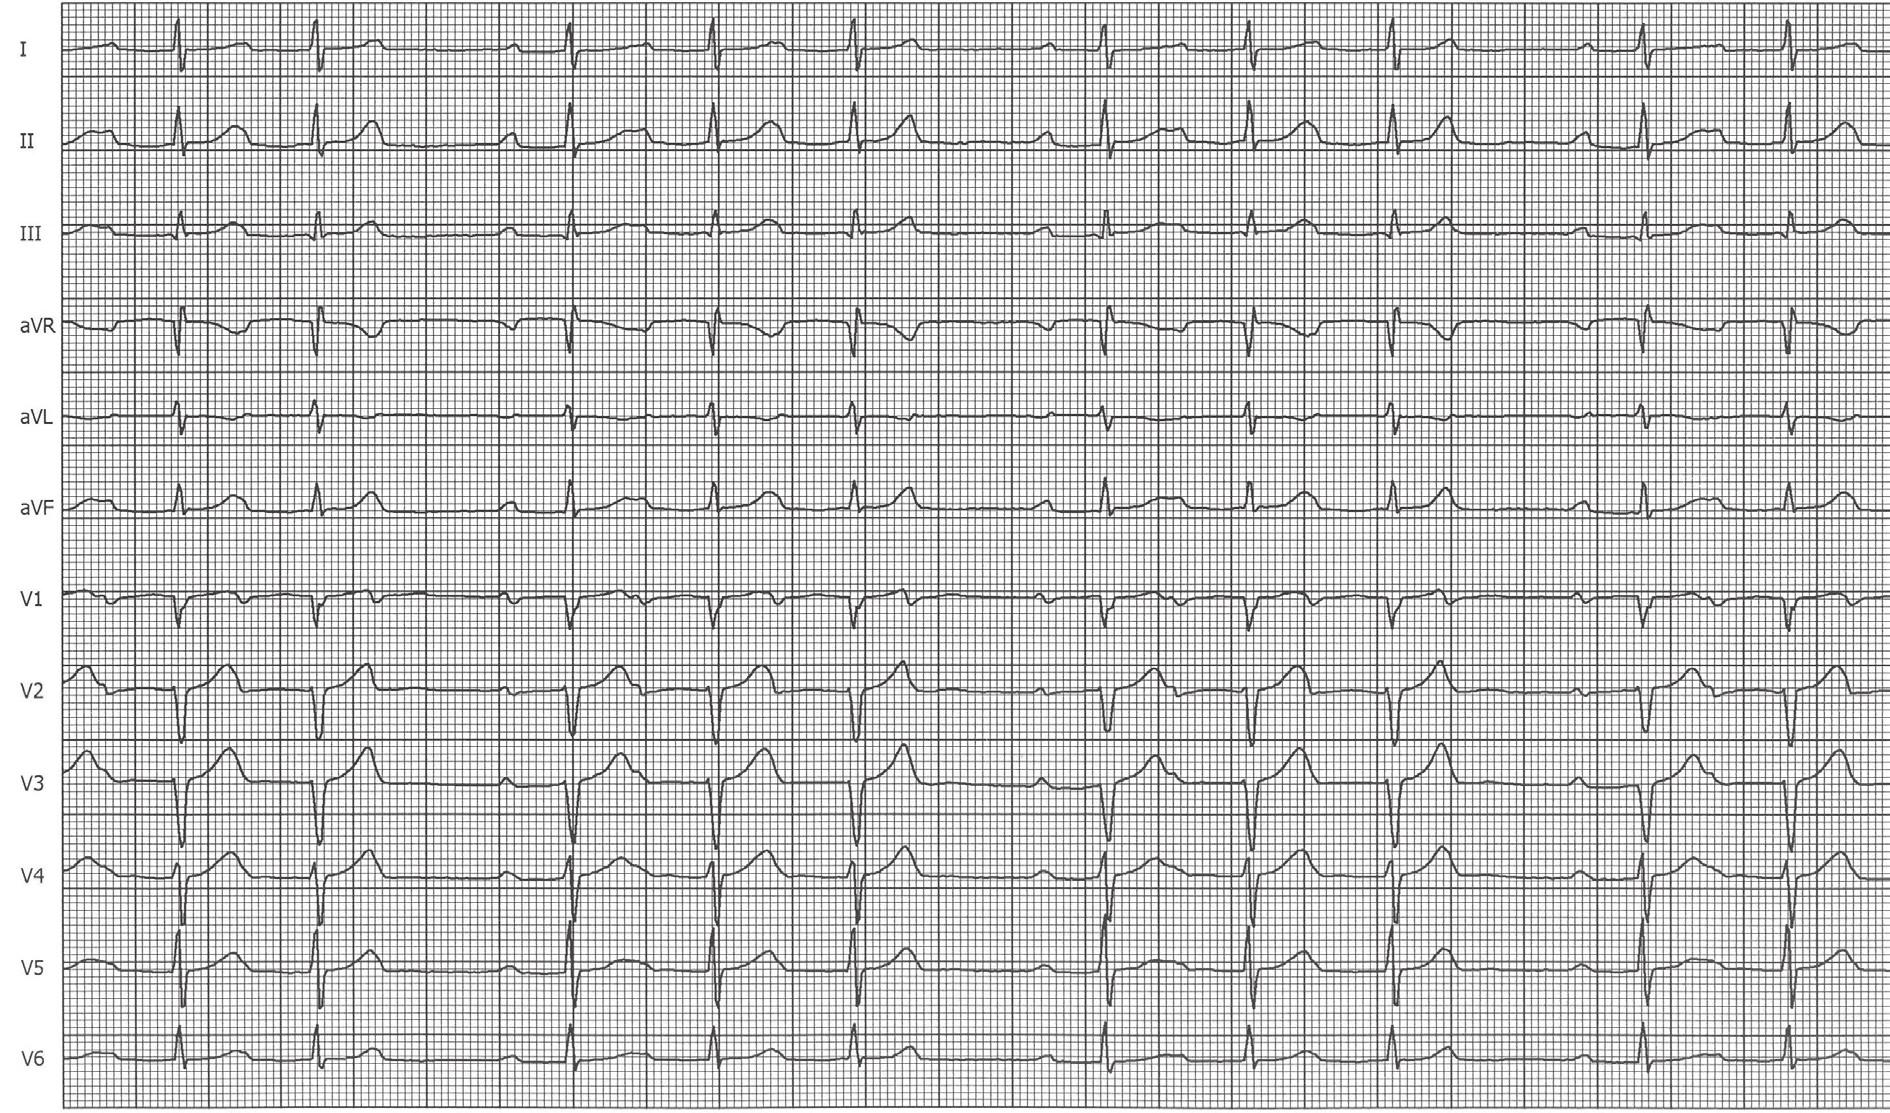 EKG křivka po provedené ablaci